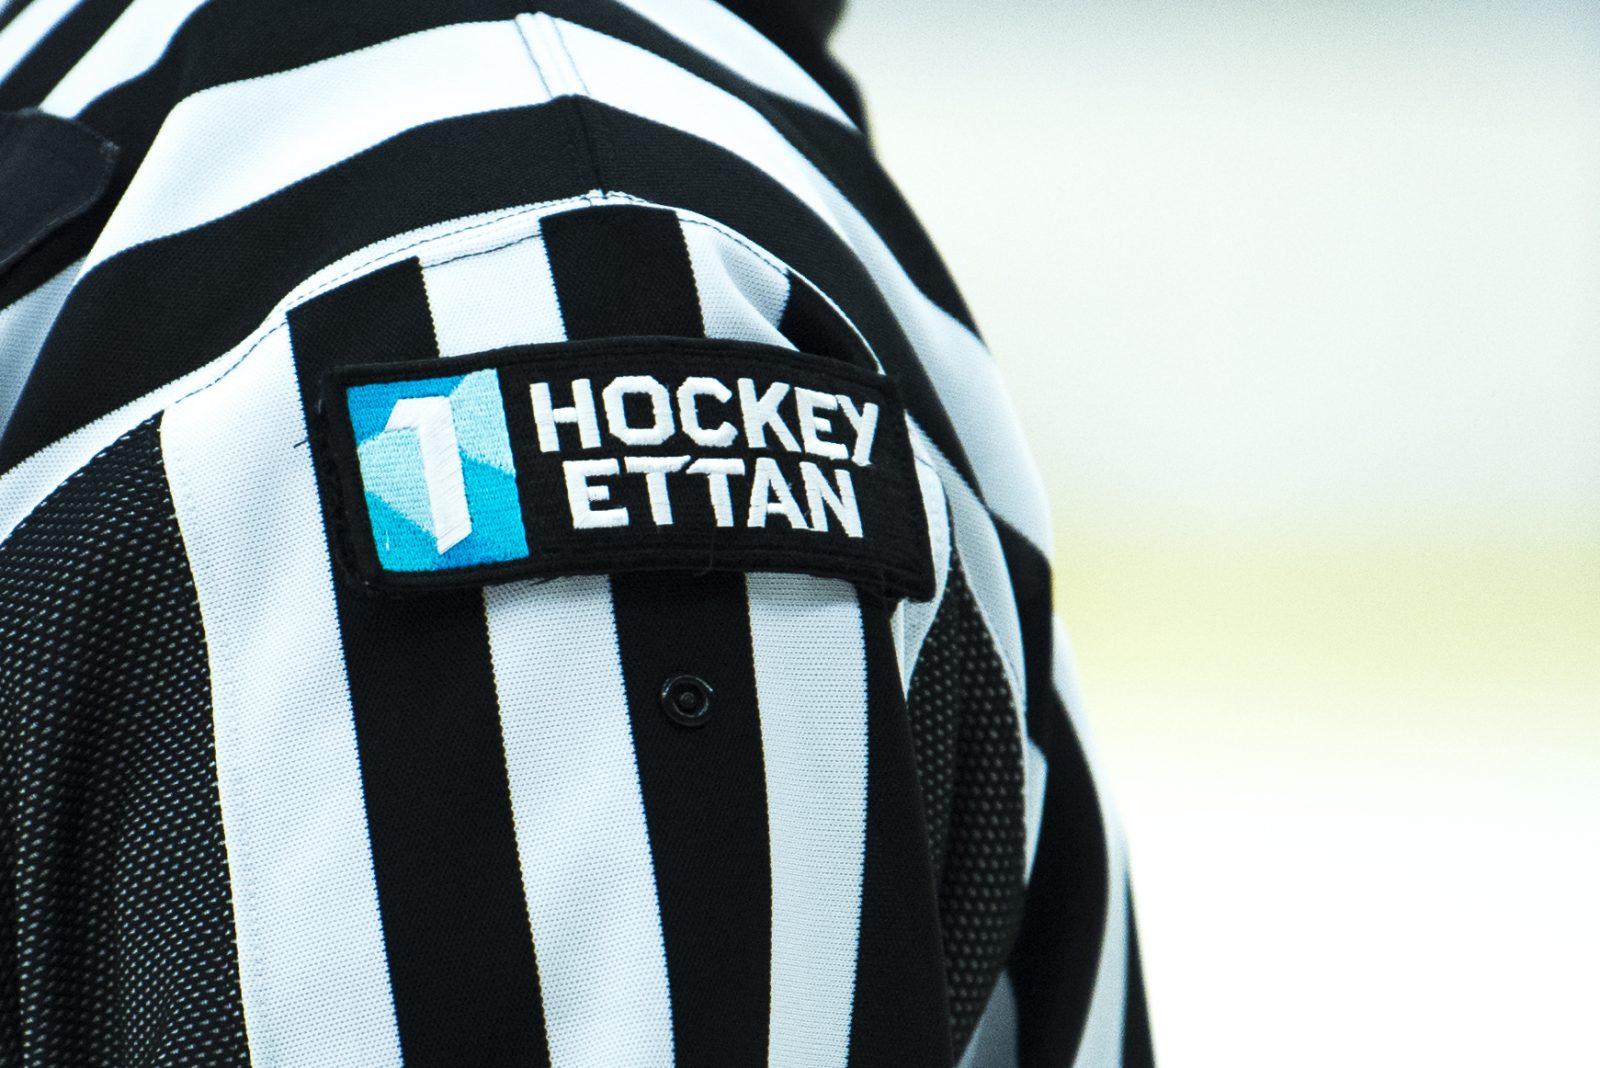 HOCKEYETTAN: Så spelas kvalet till Hockeyallsvenskan